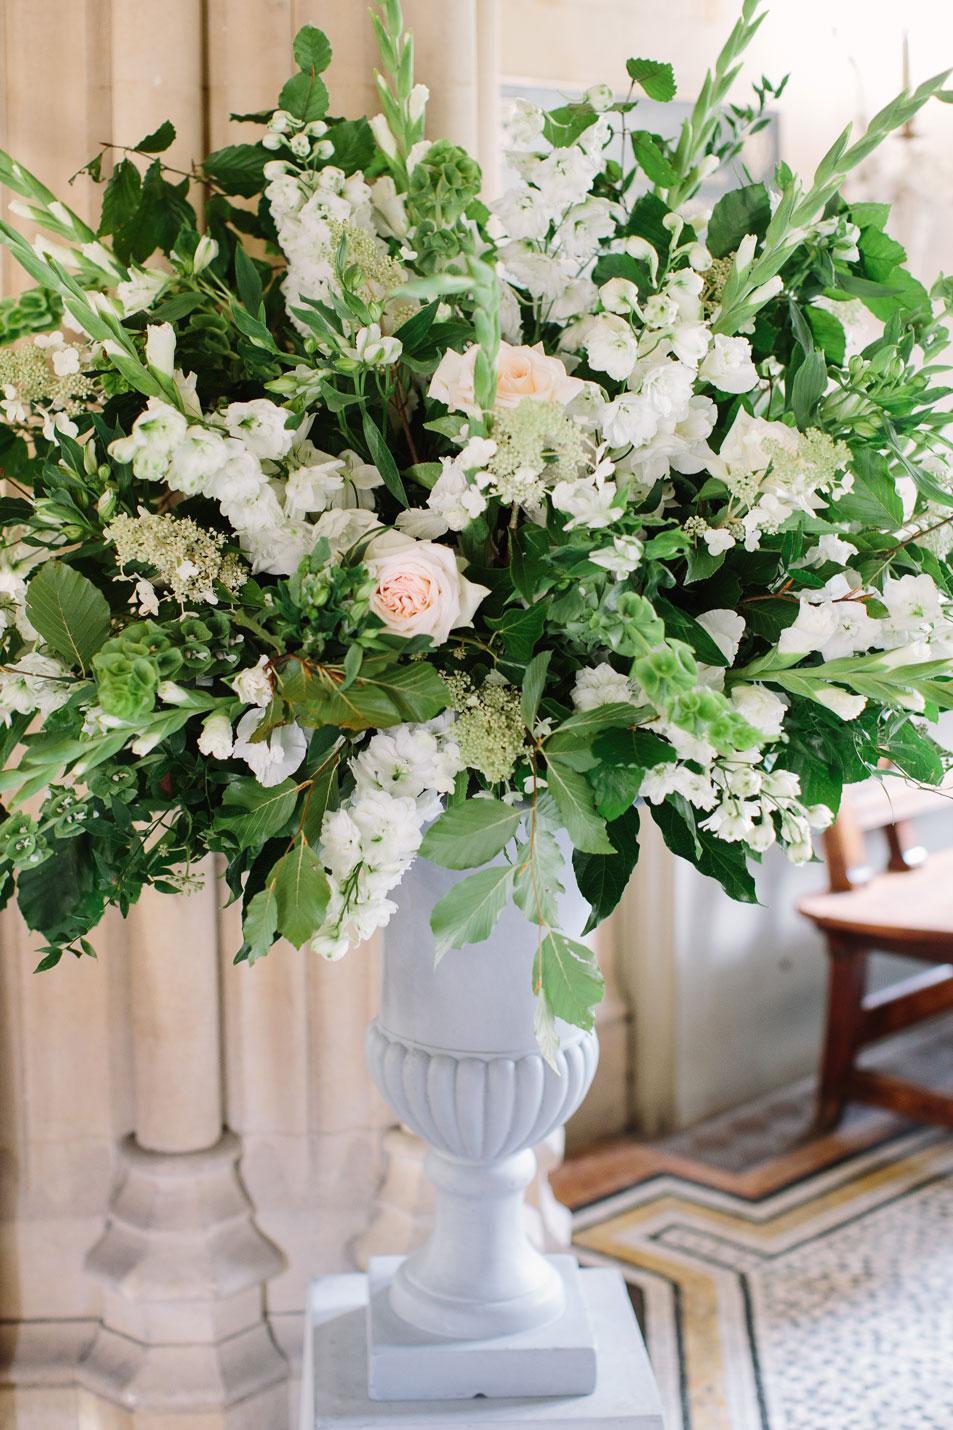 sarah-harper-floral-design-luxury-wedding-florist-flowers-oxfordshite-cotsworlds-gallery-elsbeth-sam-73_ES_Hi_Res_B